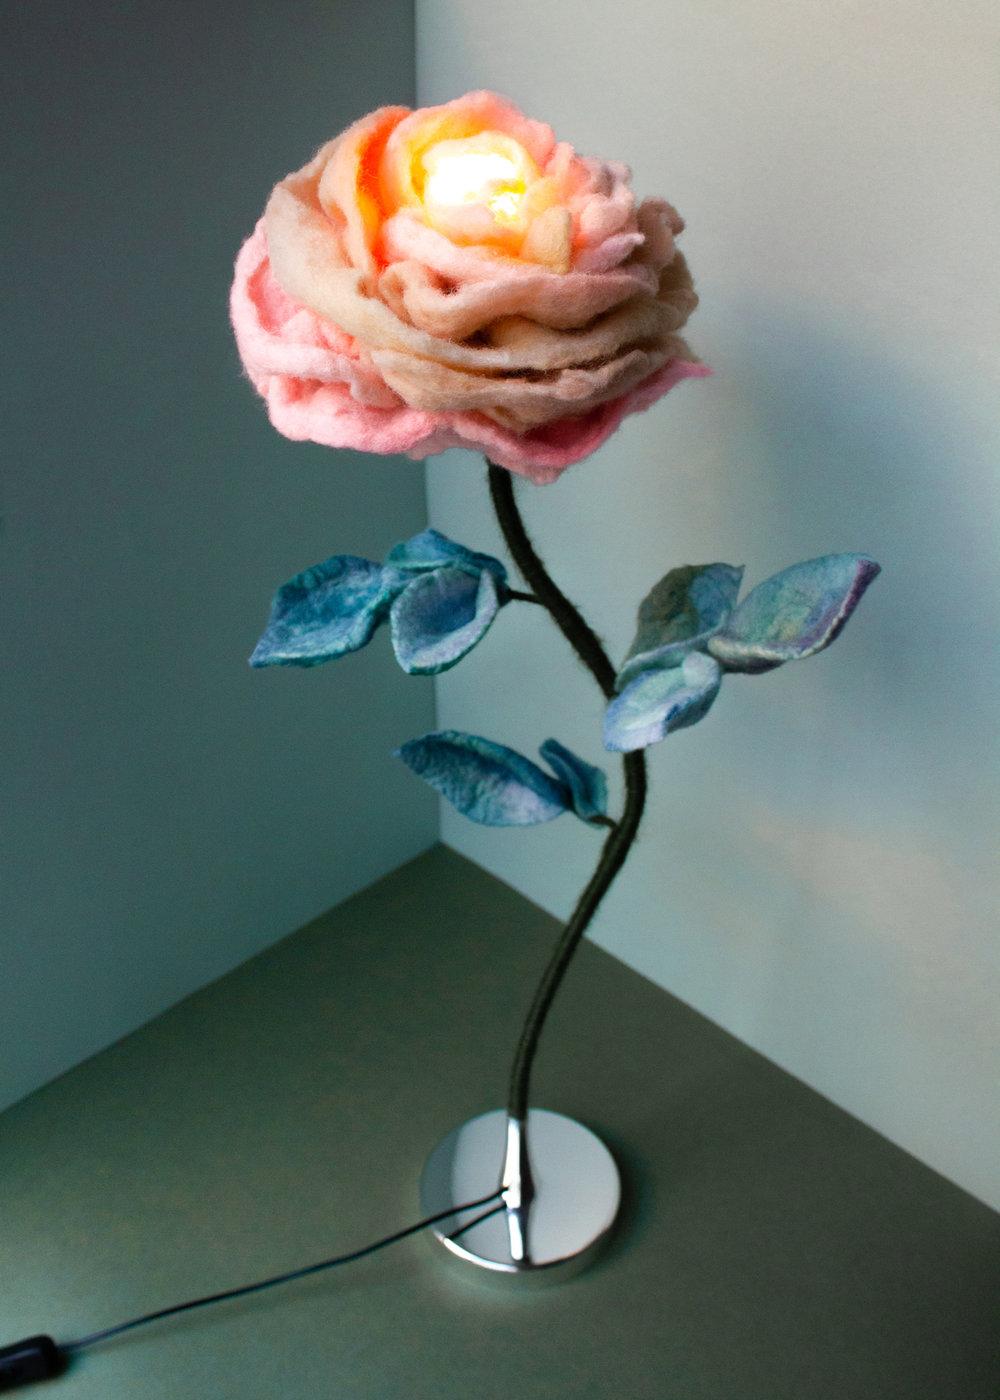 felt-flower-lamp_Thyme-Rose_Adelya-Tumasyeva_1.jpg